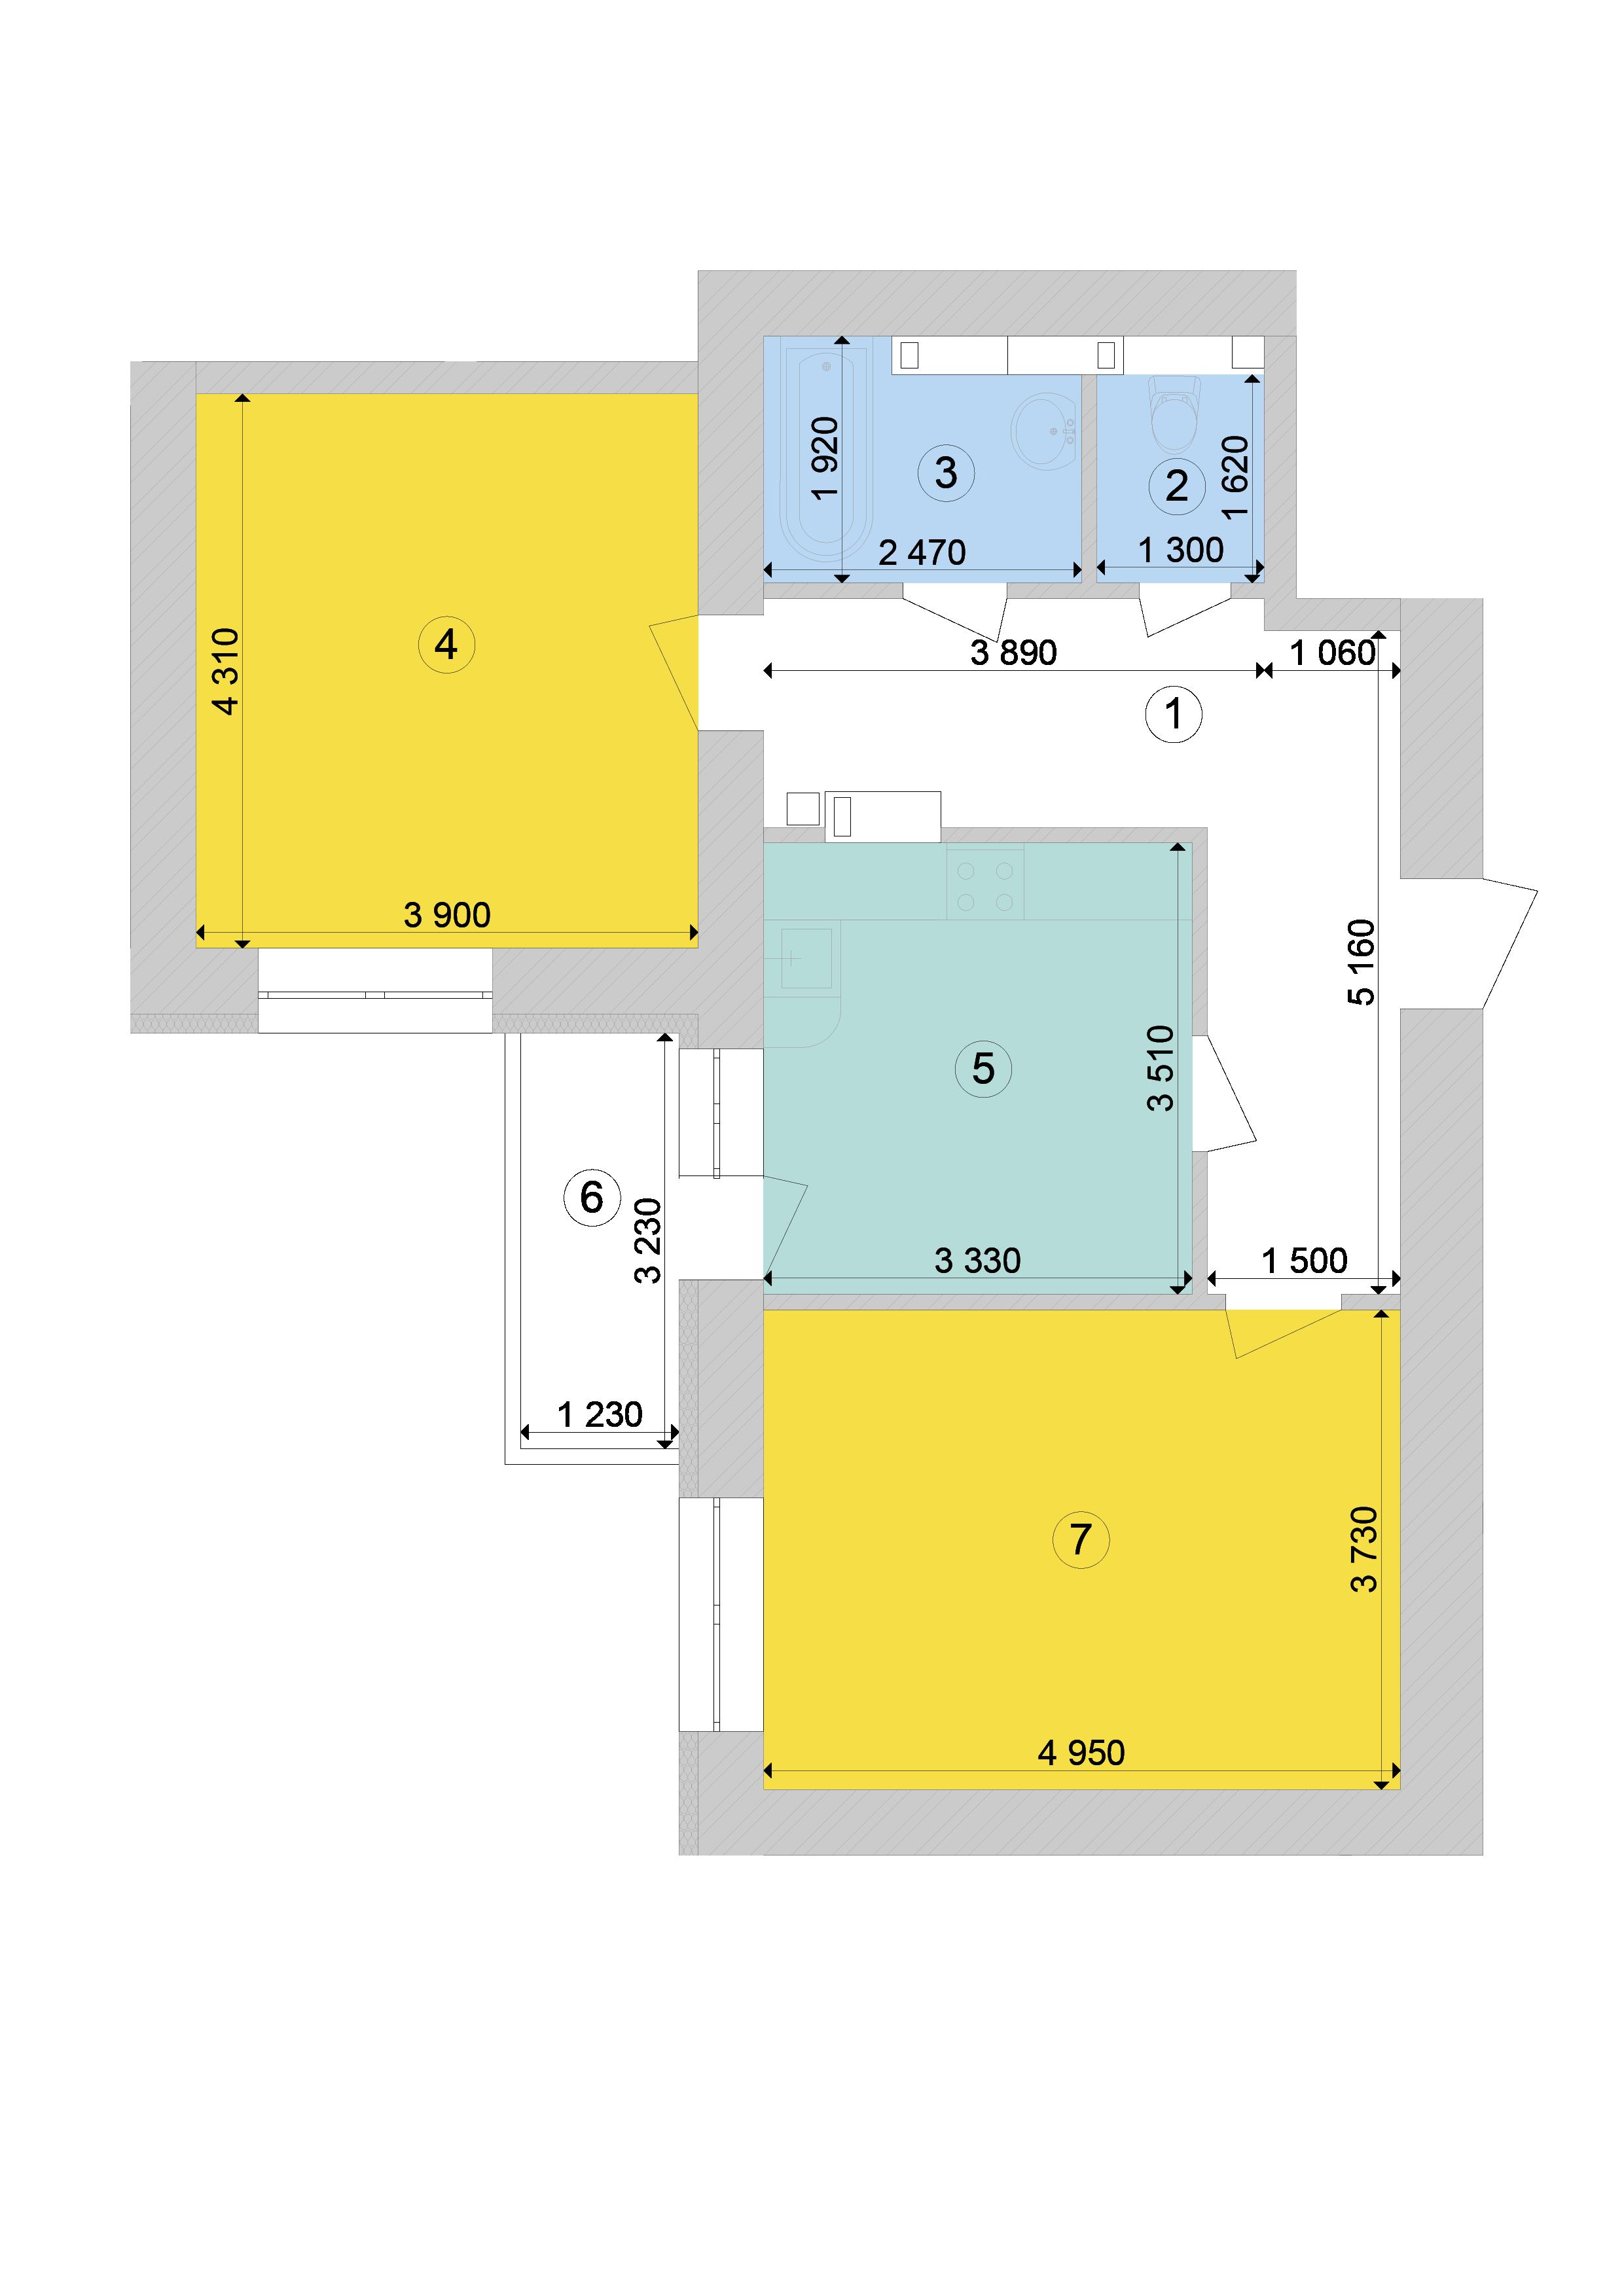 Купити Двокімнатна квартира 66,81 кв.м., тип 2.5, будинок 1, секція 7 в Києві Голосіївський район